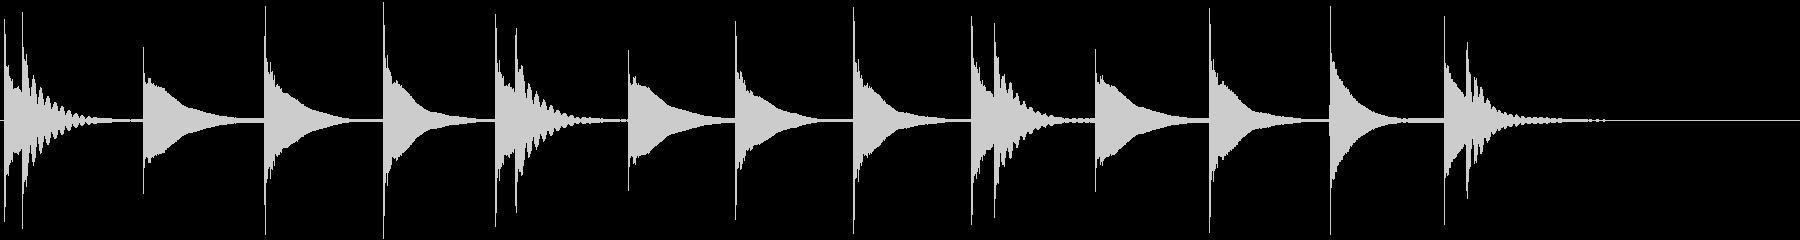 木琴:タイムアクセント、漫画コメデ...の未再生の波形